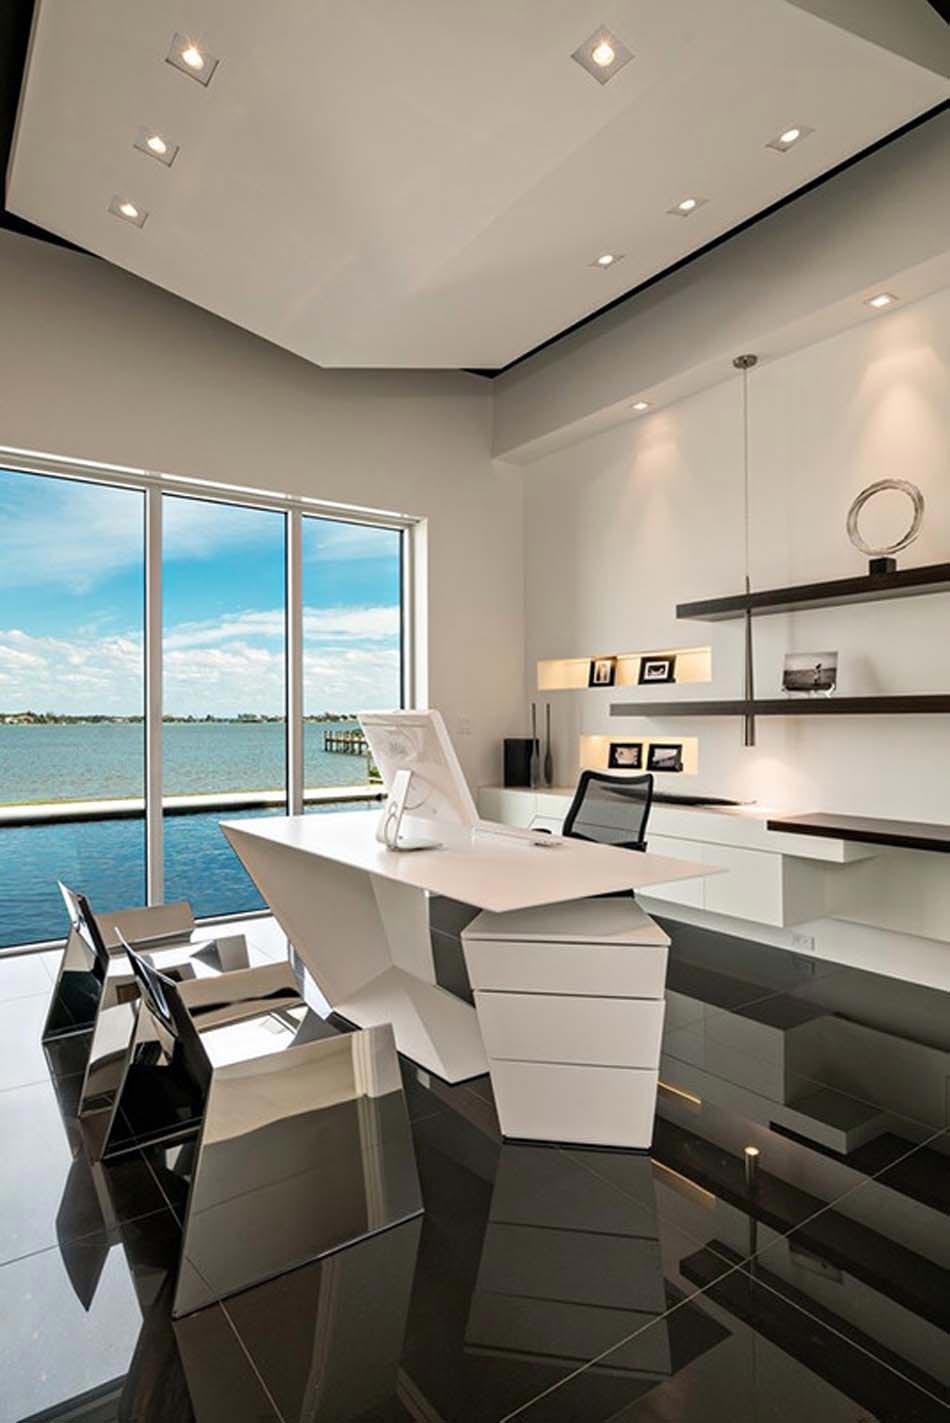 r sidence contemporaine avec vue imprenable sur l eau. Black Bedroom Furniture Sets. Home Design Ideas